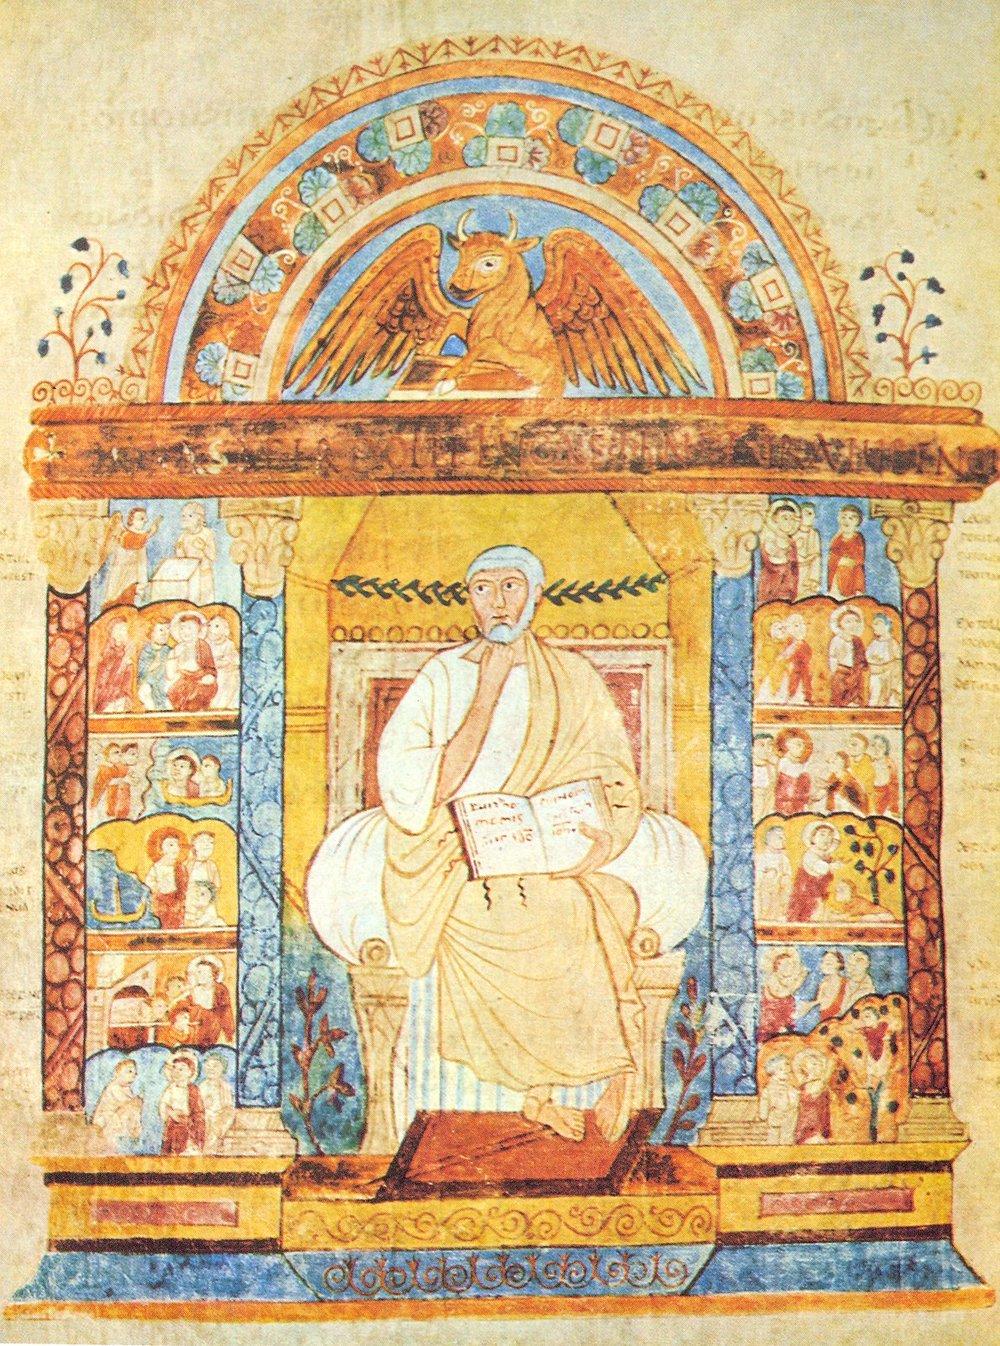 Ilustración del  Evangeliario de San Agustín de Canterbury, anónimo, finales del siglo VI